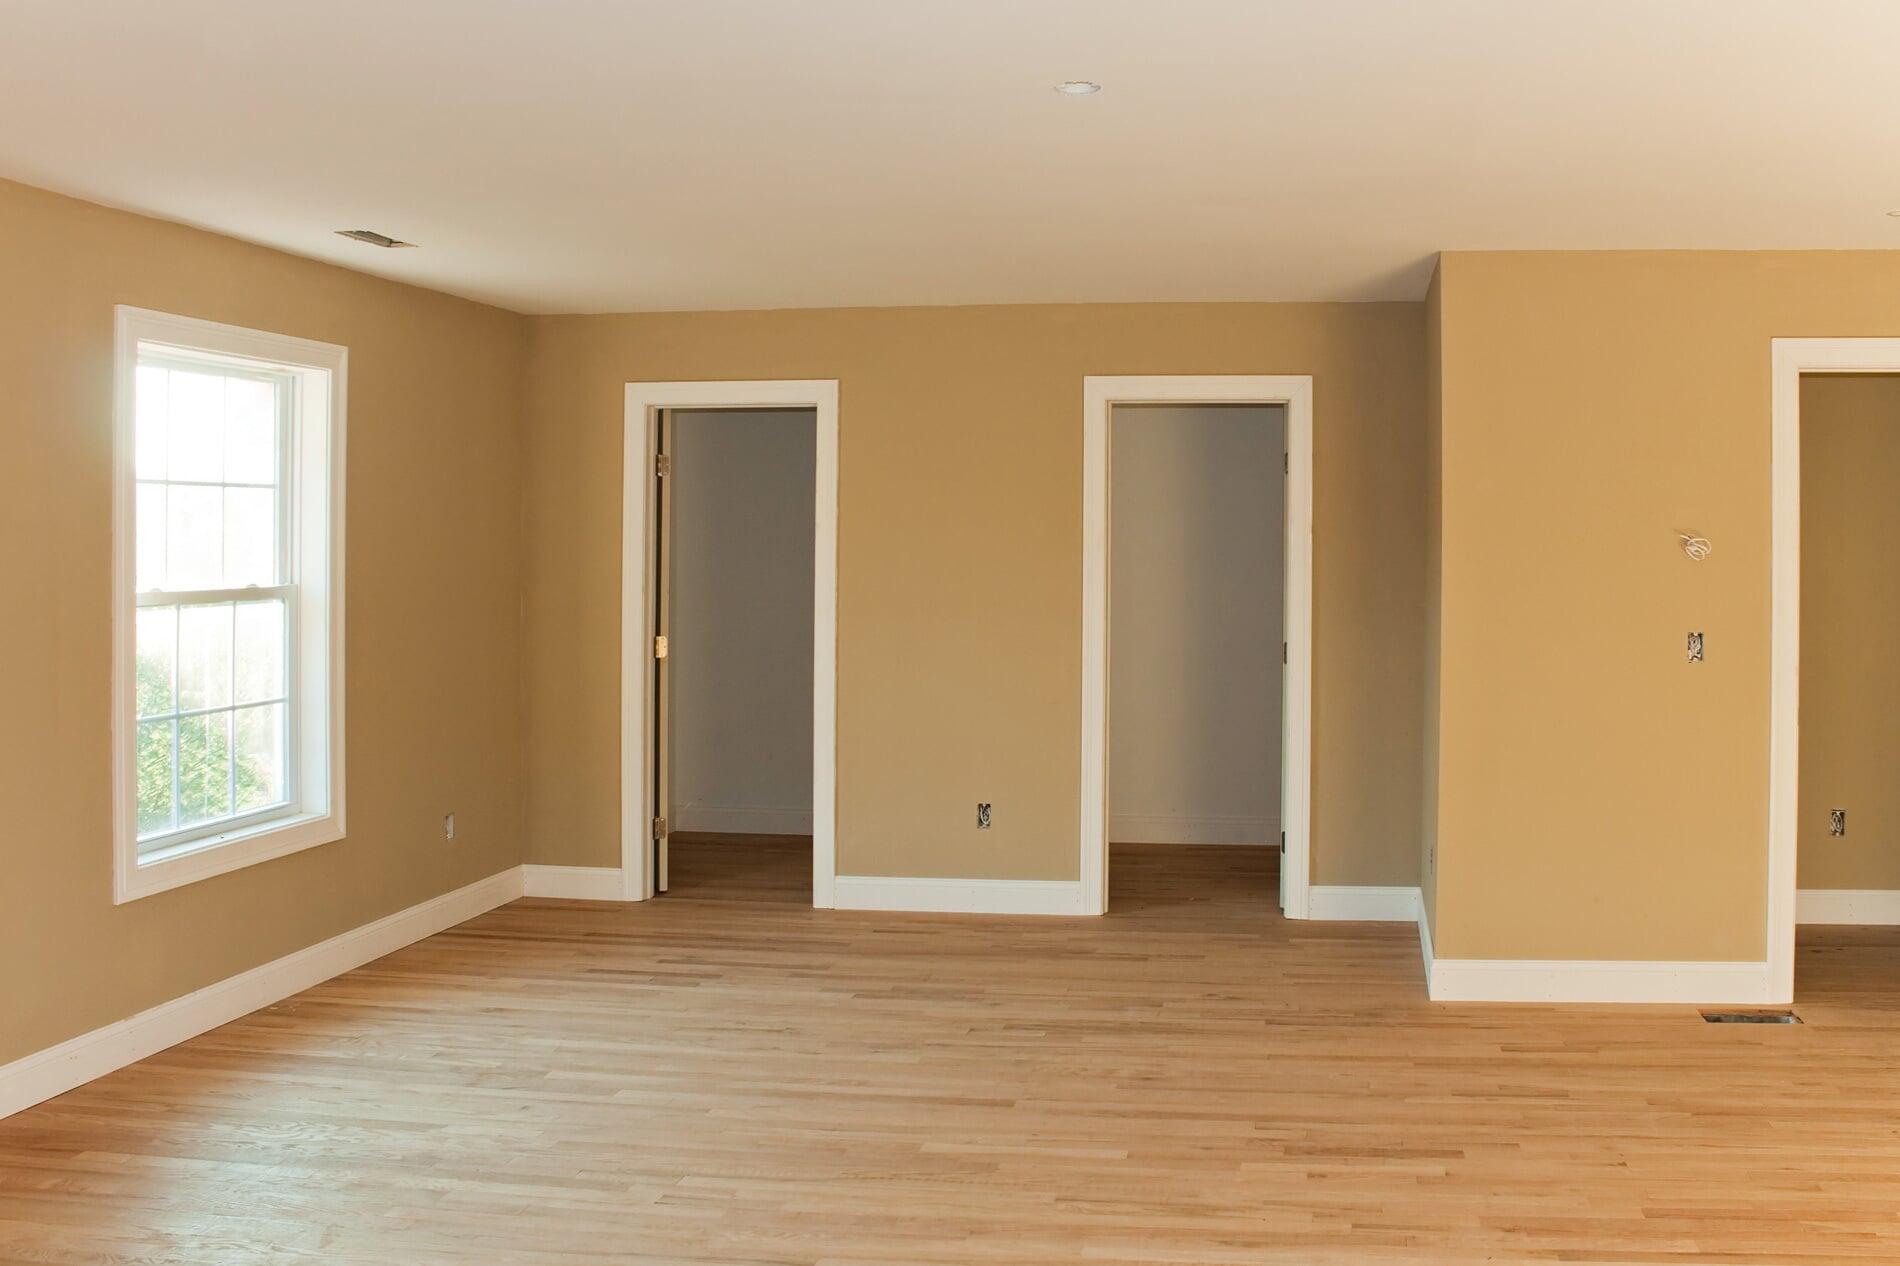 Hardwood floors from Smith Carpet & Tile Center in Edmond, OK